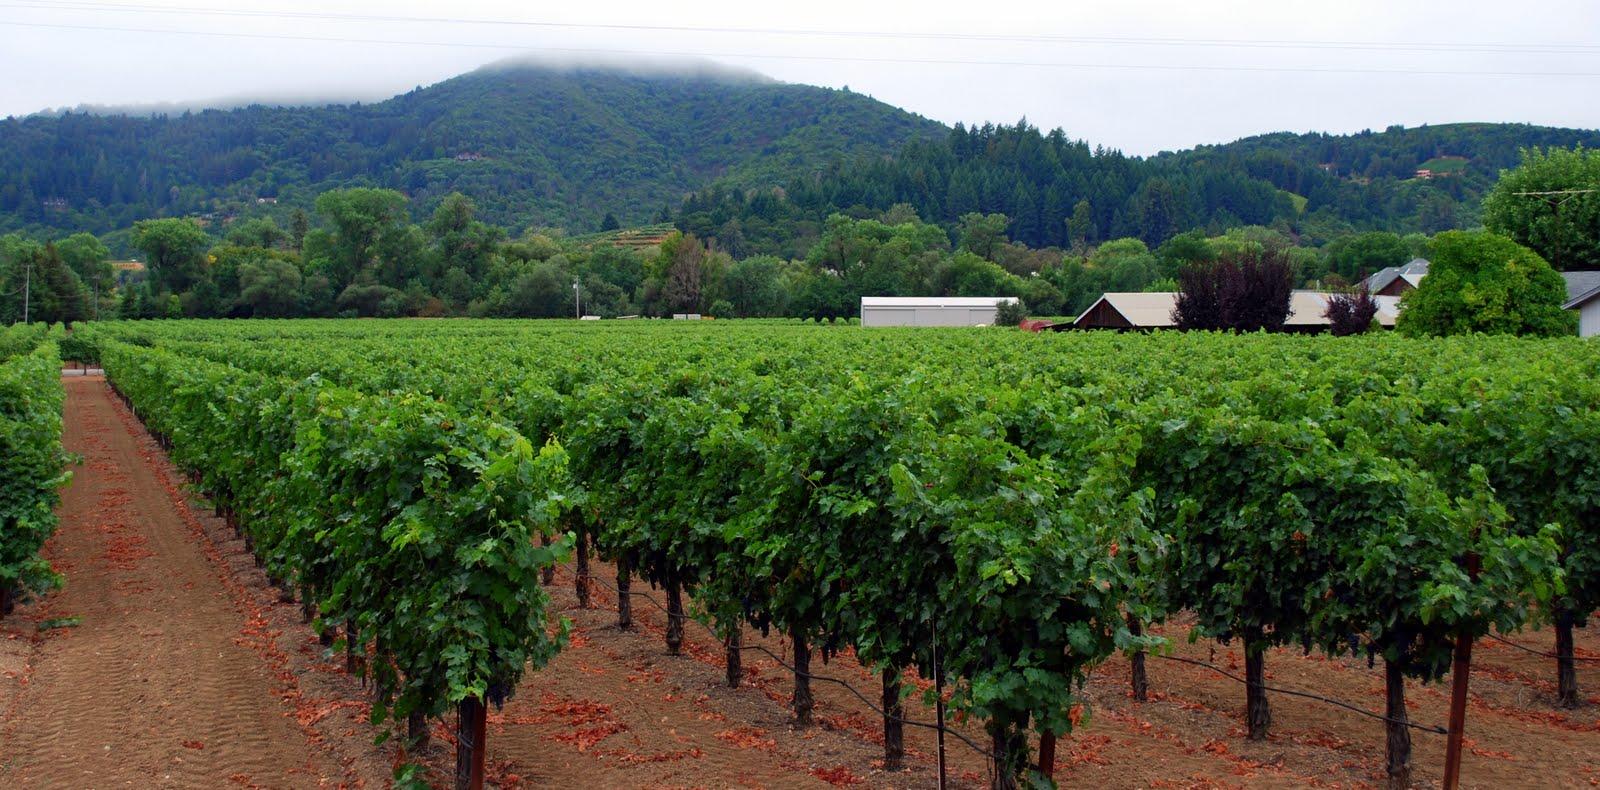 Mille Fiori Favoriti Sonoma County\u0027s Wineries ~ Ferrari,Carano